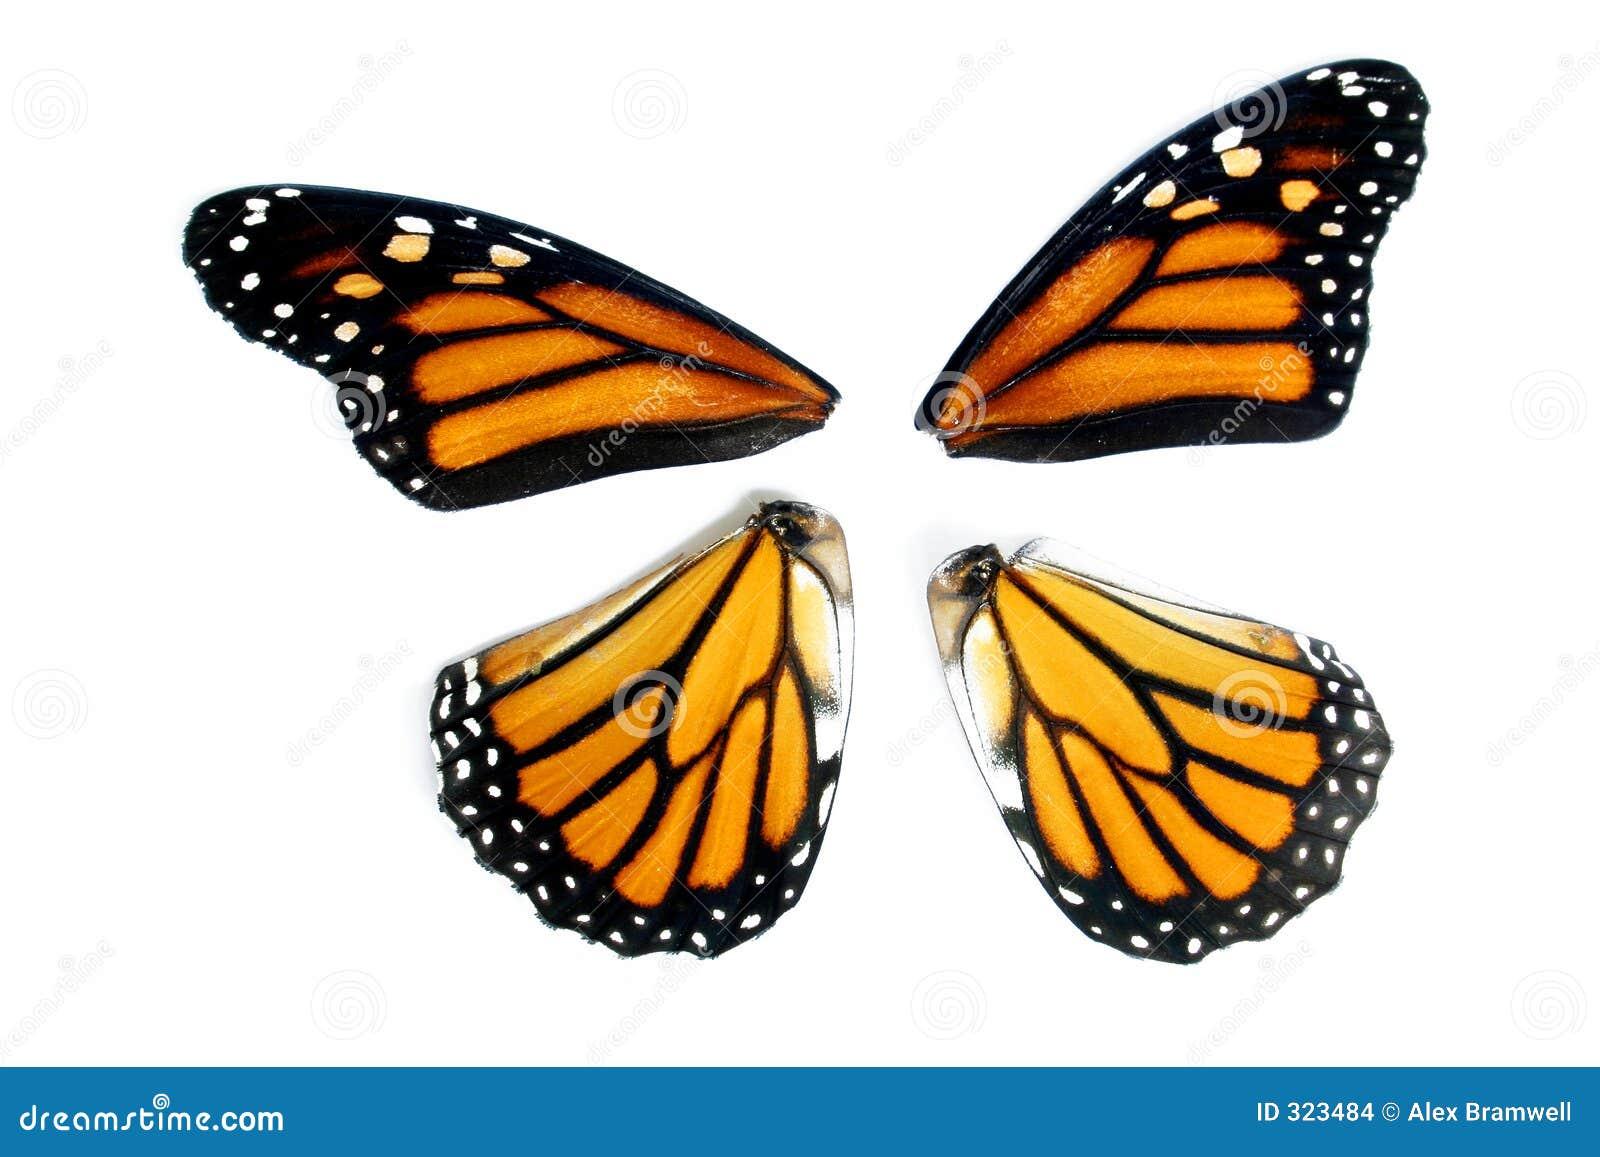 Monarch butterfly wings - photo#2